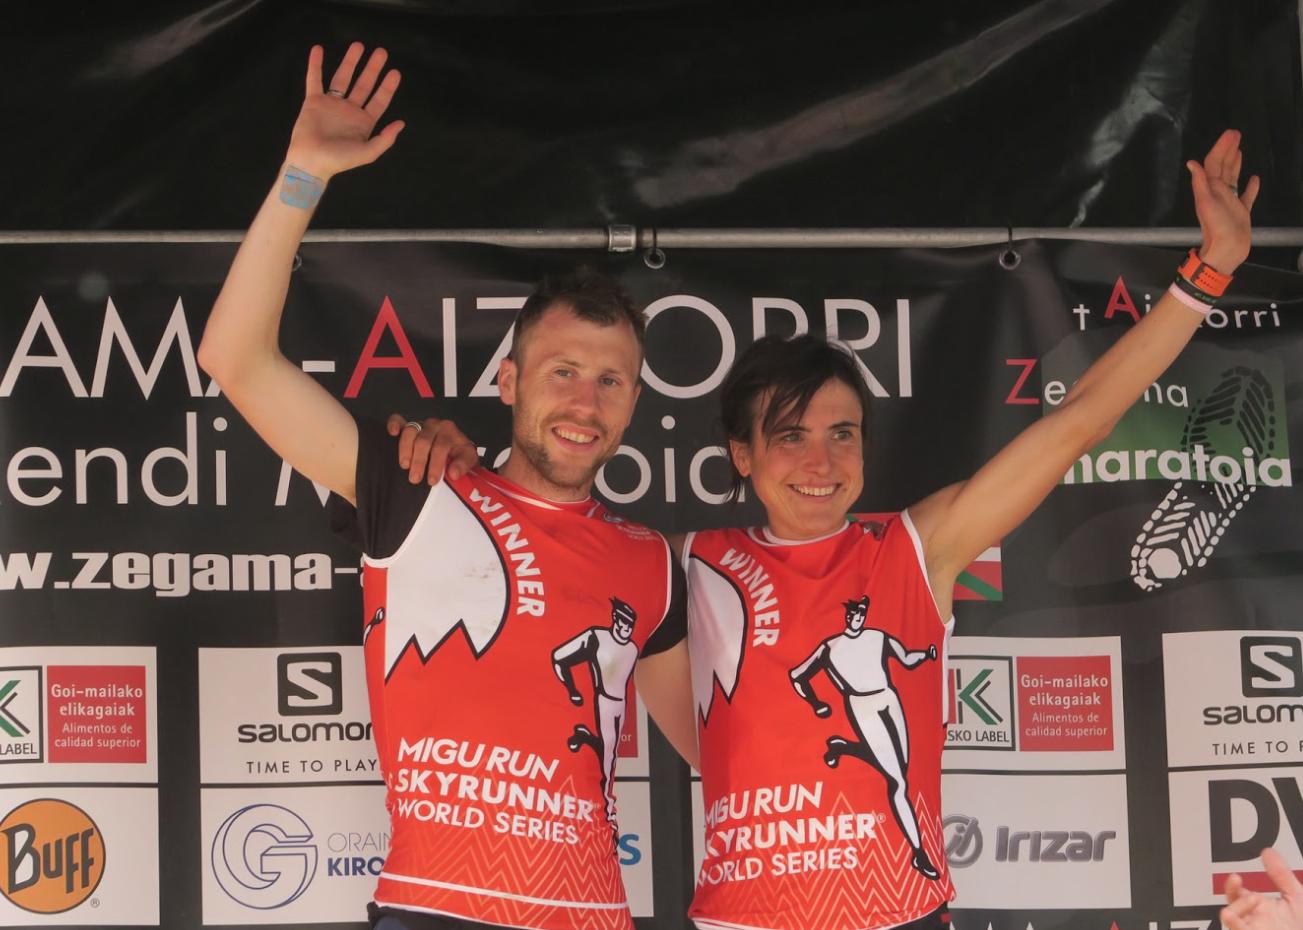 Stian Angermund y Maite Maiora establecen los nuevos récords en Zegama-Aizkorri